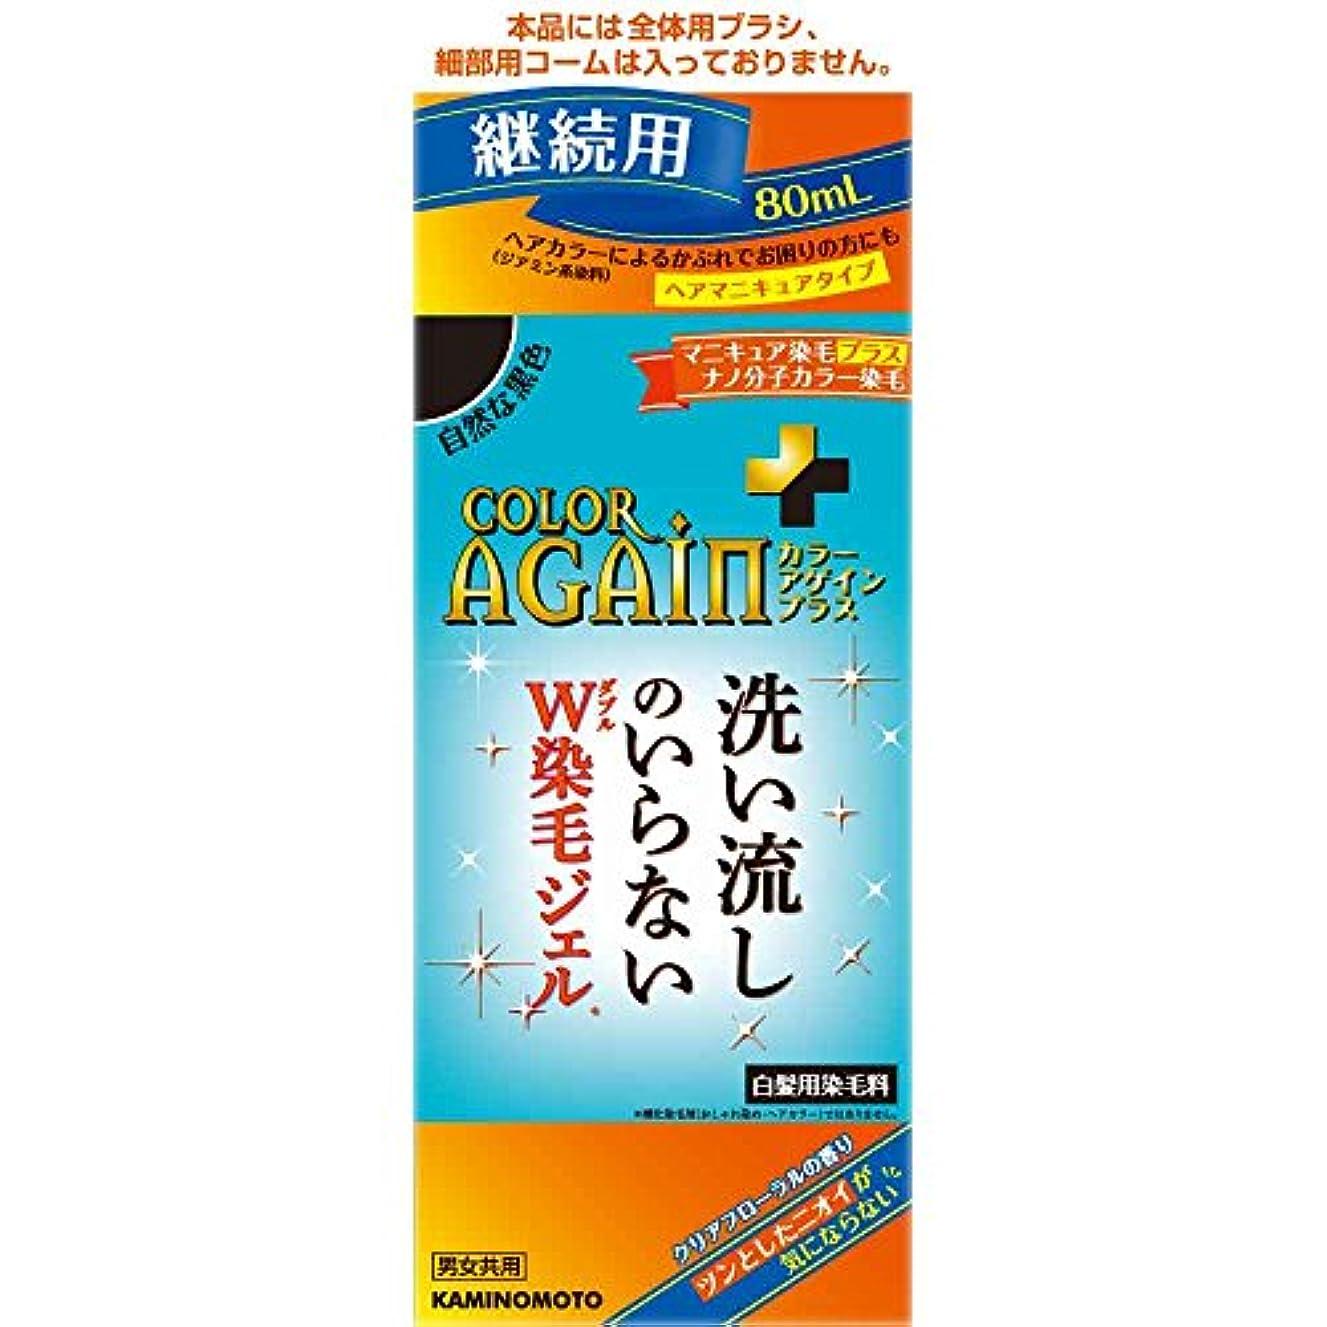 ナイロン素晴らしさ忌まわしいカラーアゲインプラス 自然な黒色 継続用 80mL